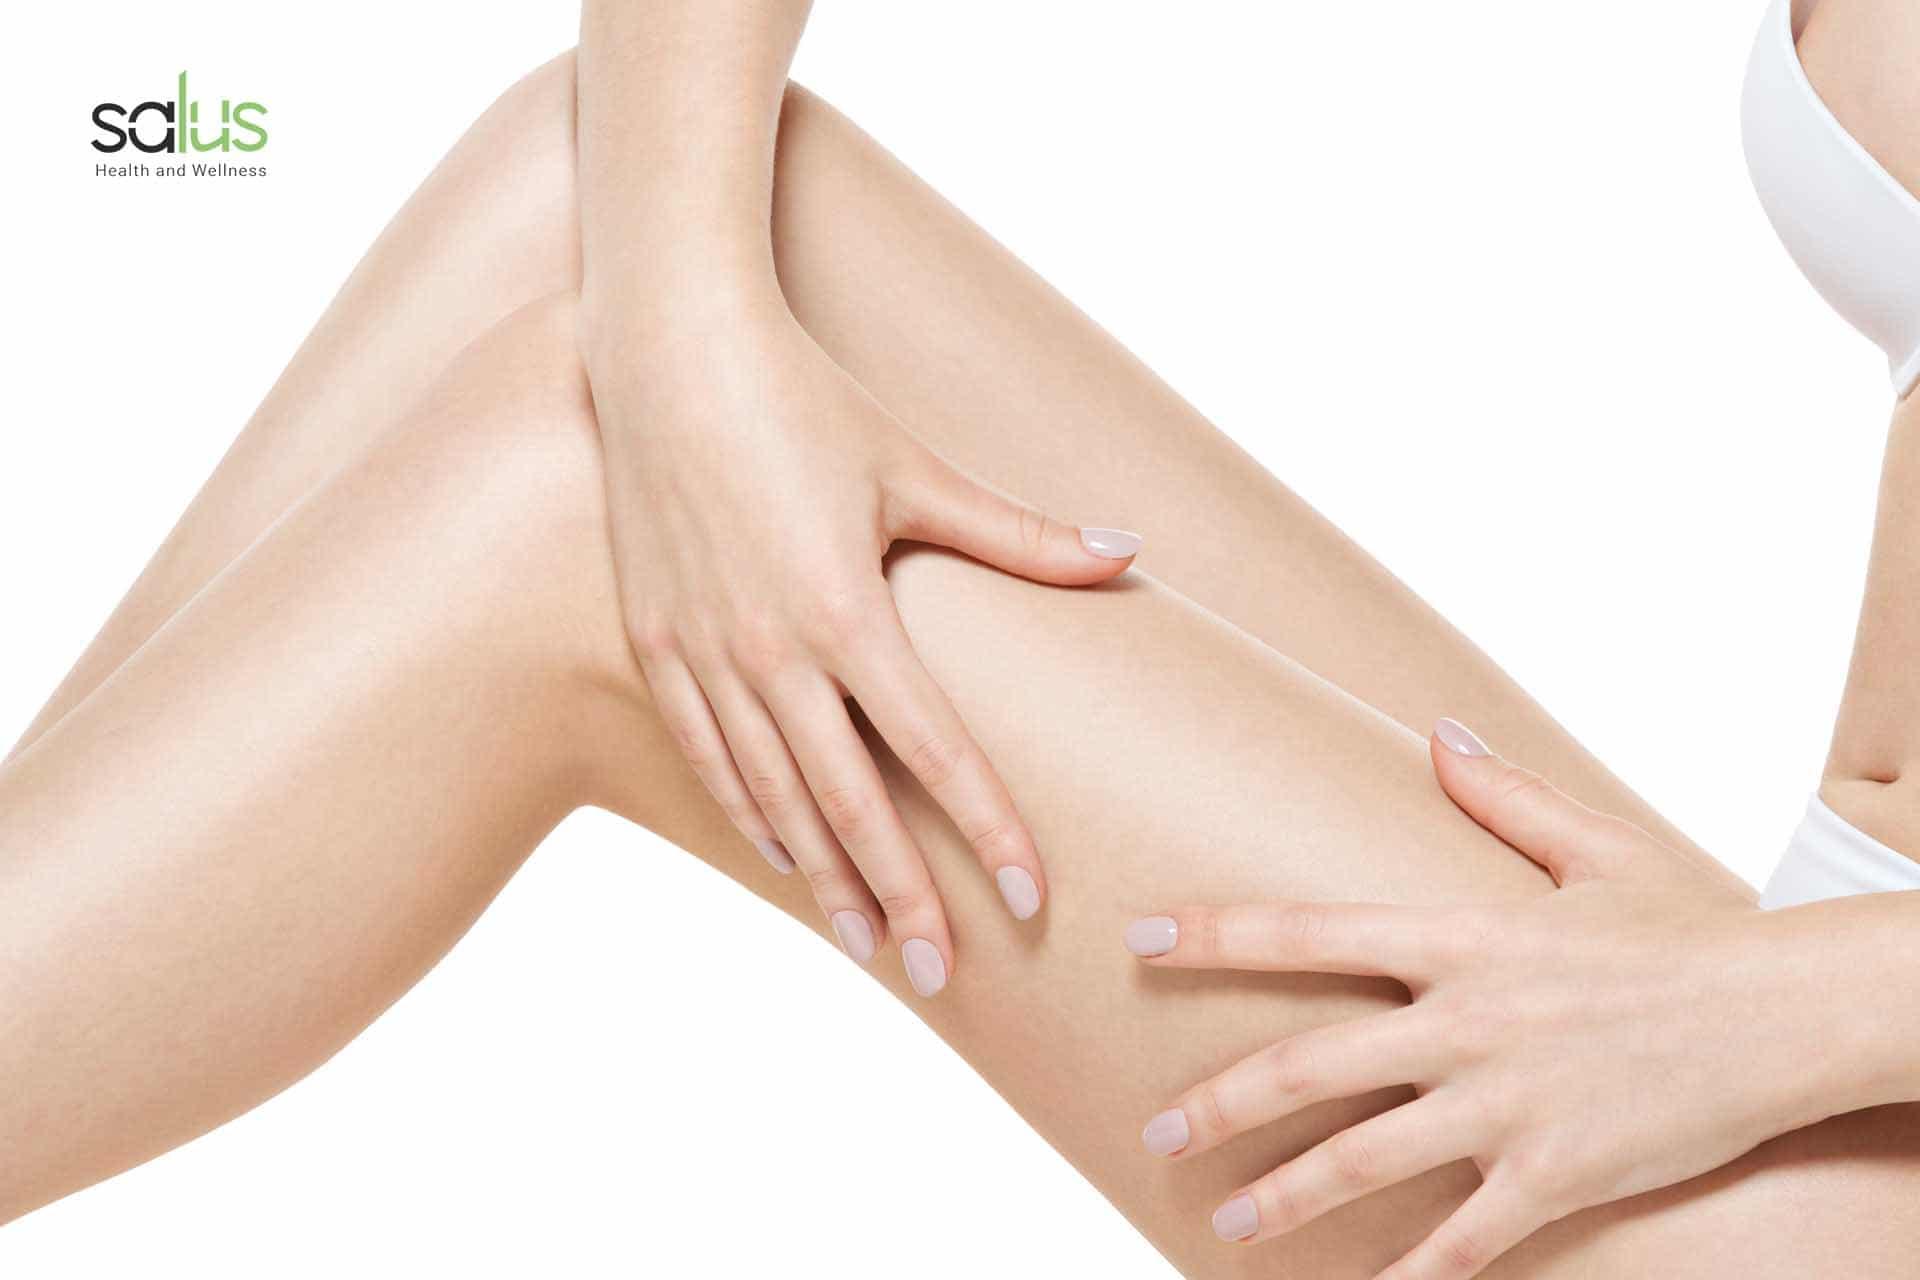 Combattere la cellulite: gli esercizi per la ritenzione idrica gambe